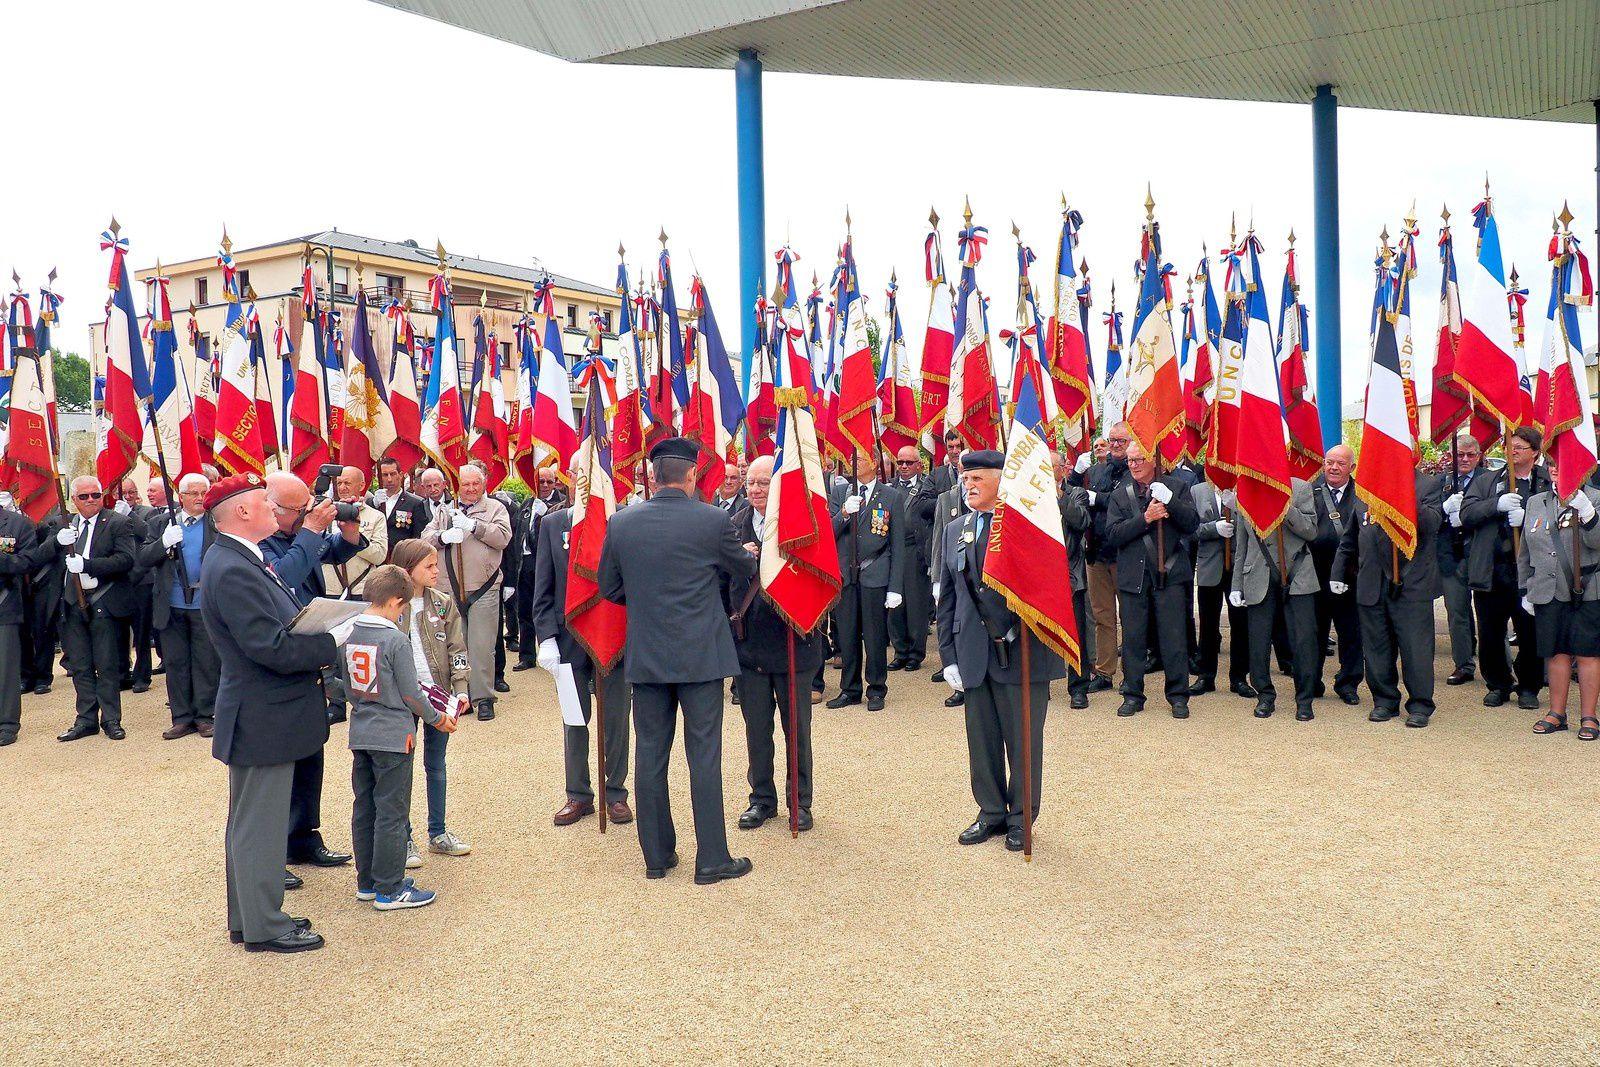 Les photos de la cérémonie (Merci georges pour ces belles photos)